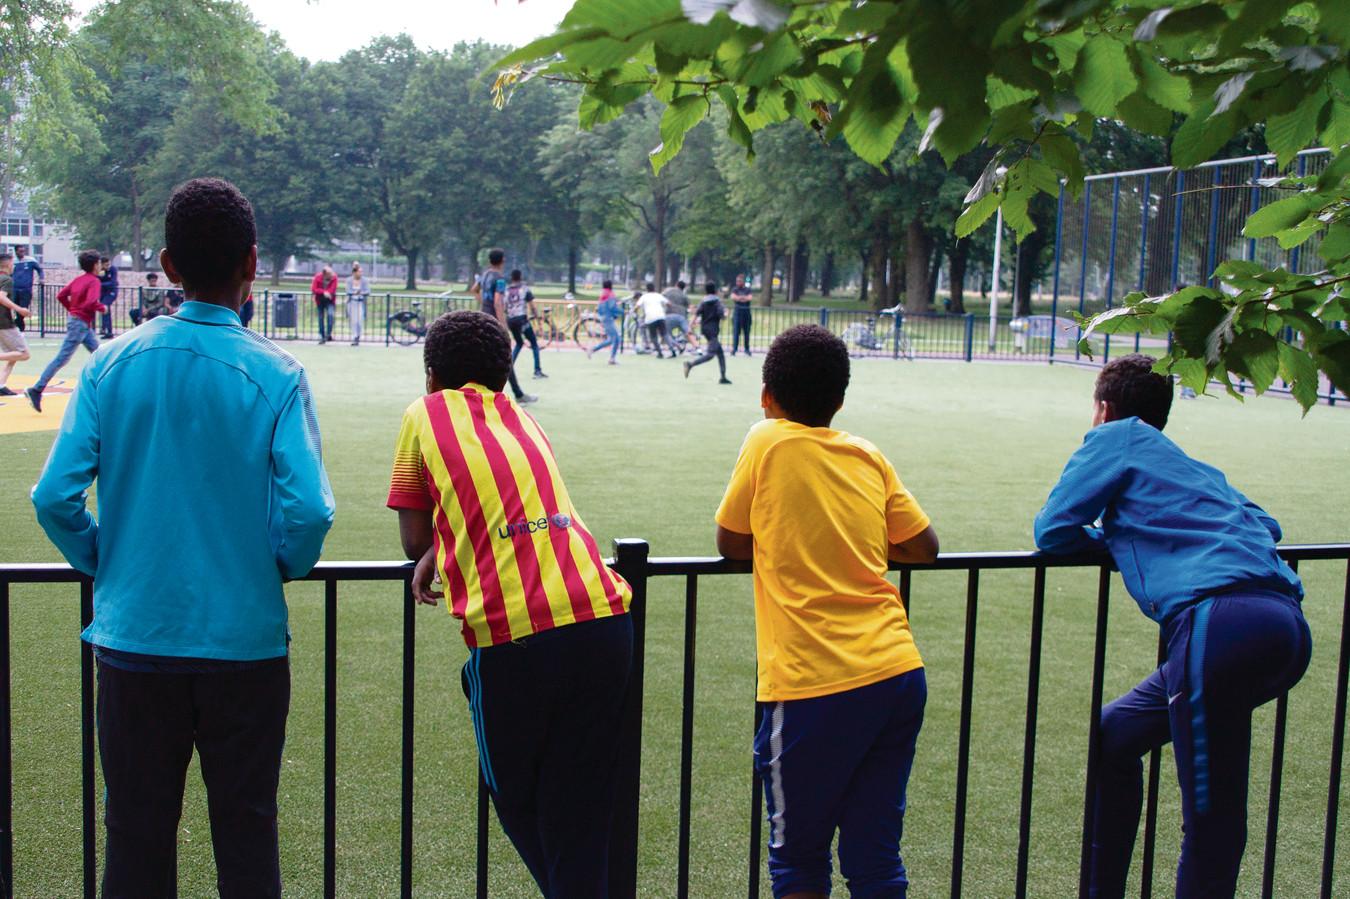 Een sportactiviteit mede georganiseerd door RNewt, het jongerenwerk van ContourdeTwern.